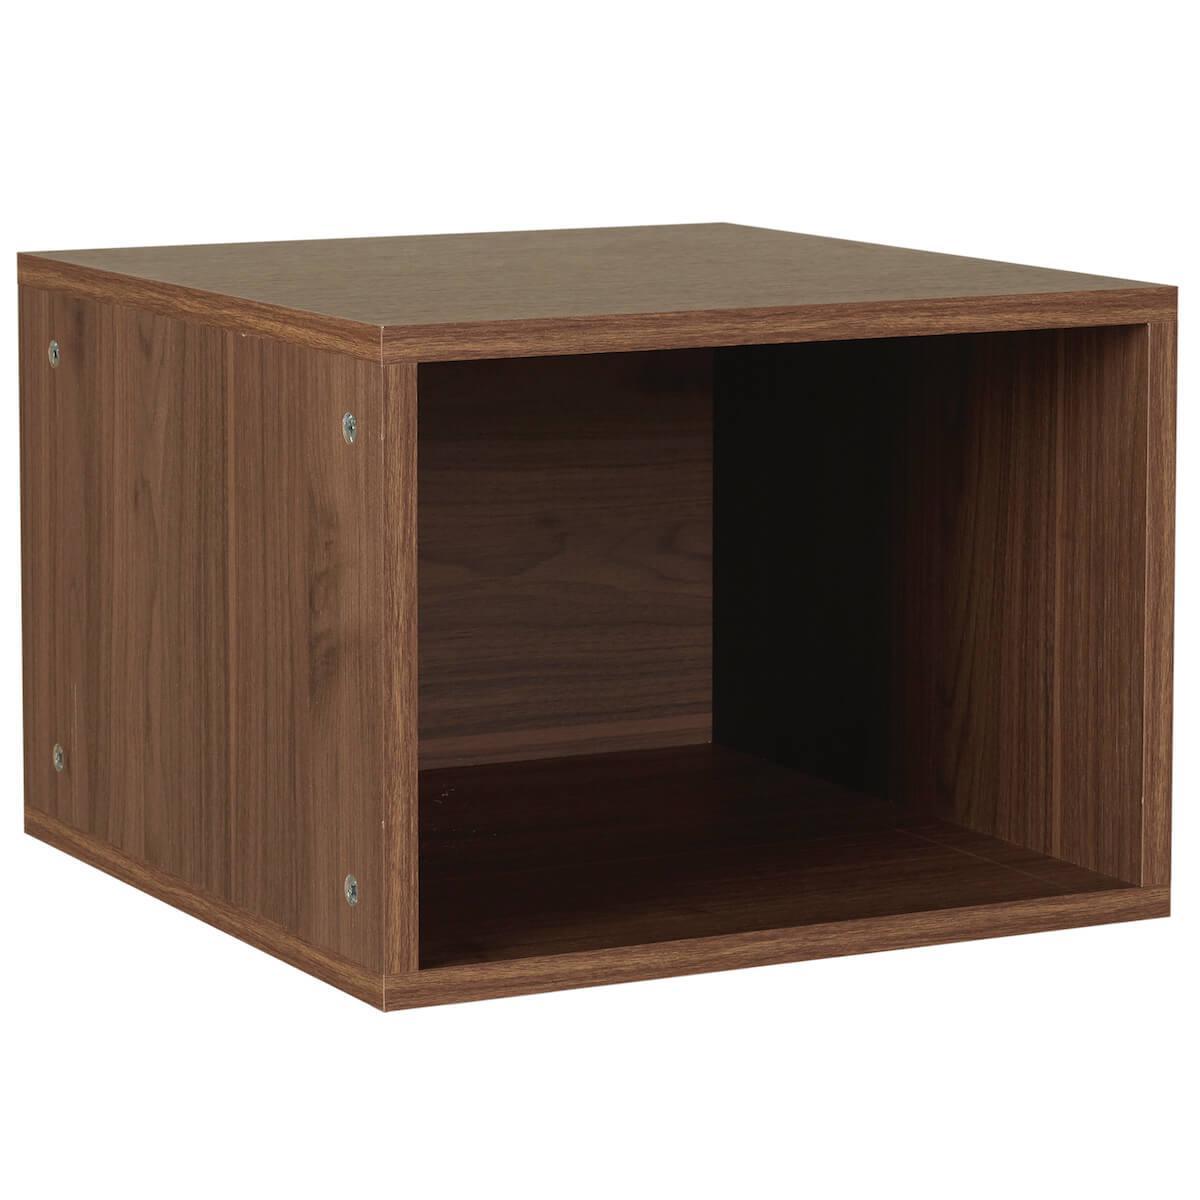 Cubo armario COCOON Quax nogal